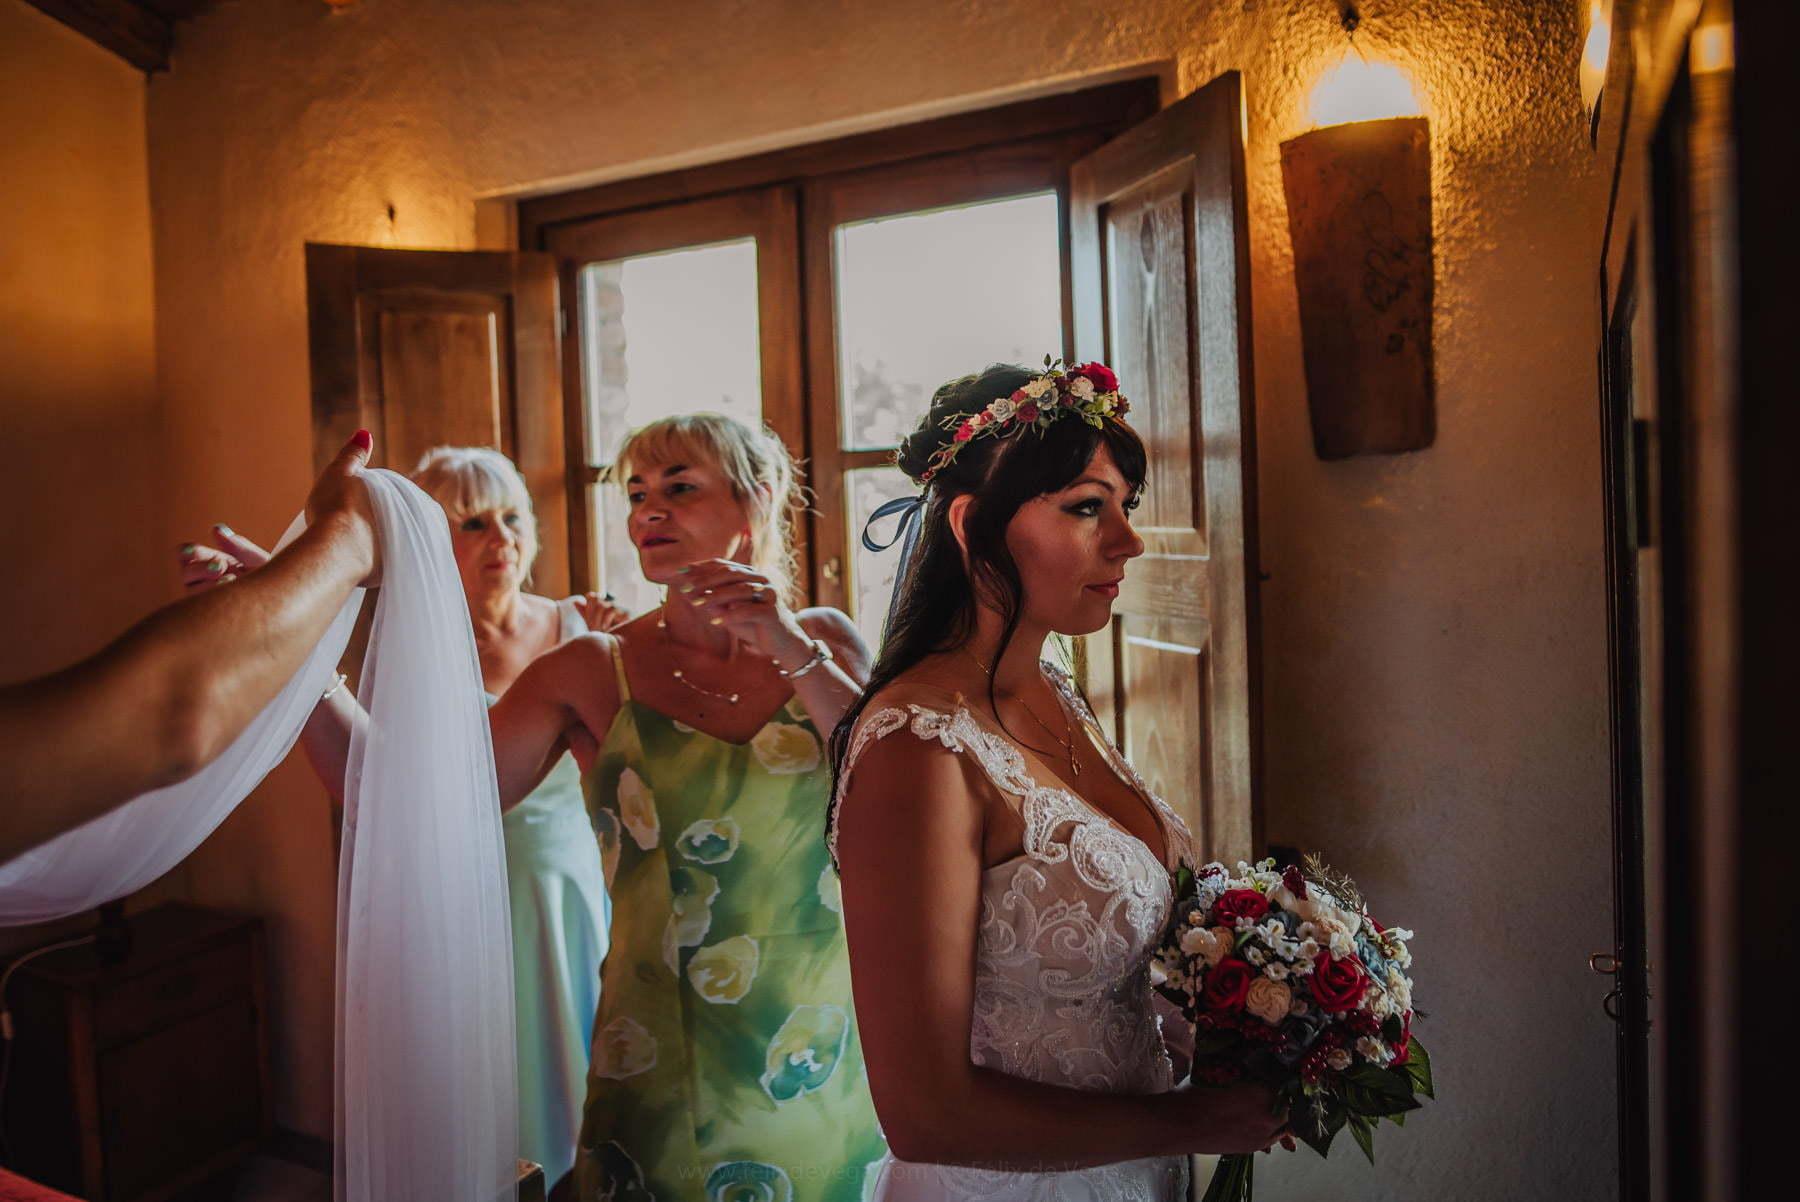 przygotowania panny młodej do włoskiego ślubu za granicą